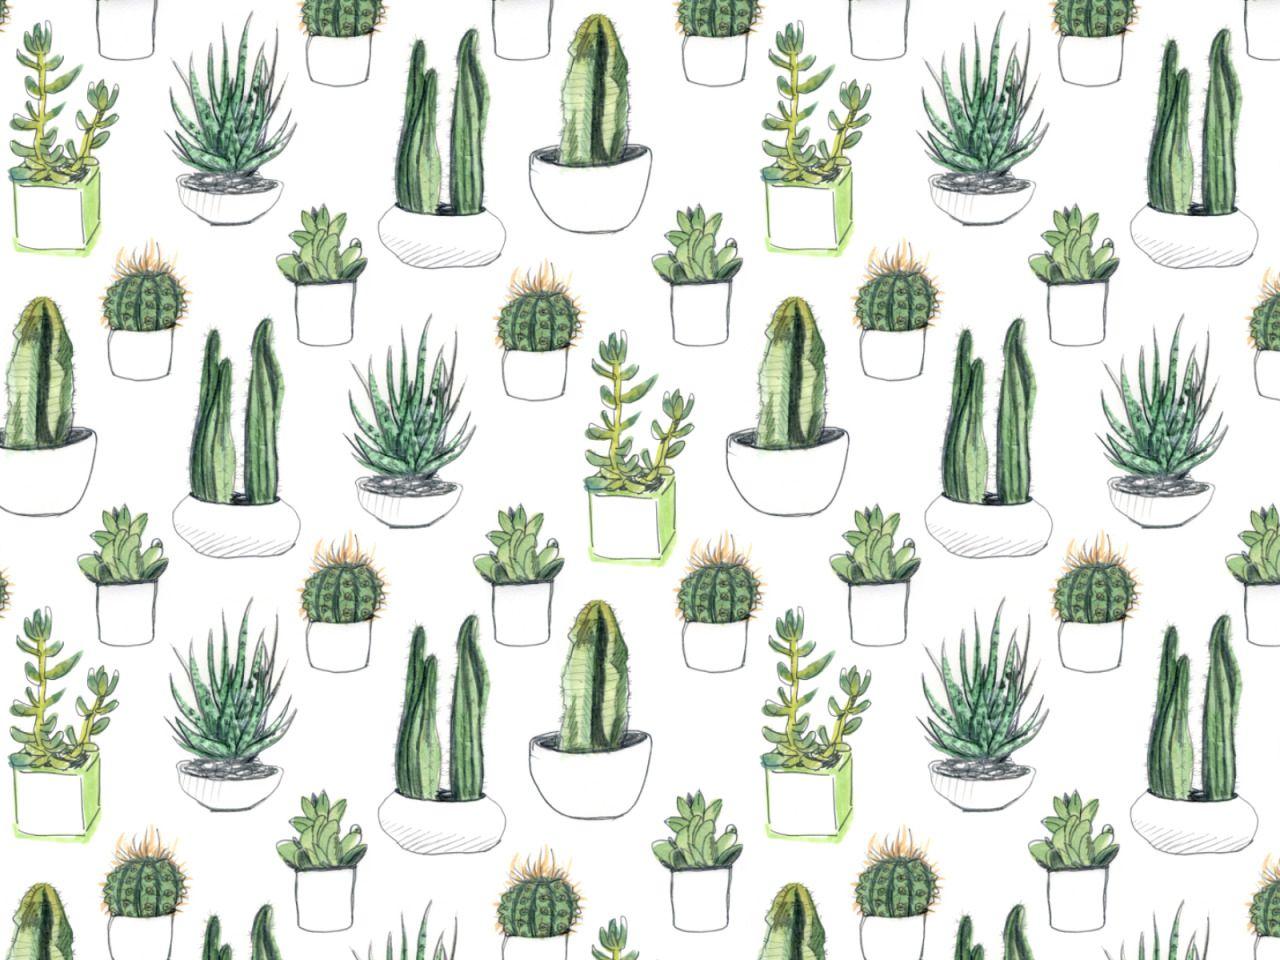 Source Crumpetsandcrabsticks Patterns Pinterest